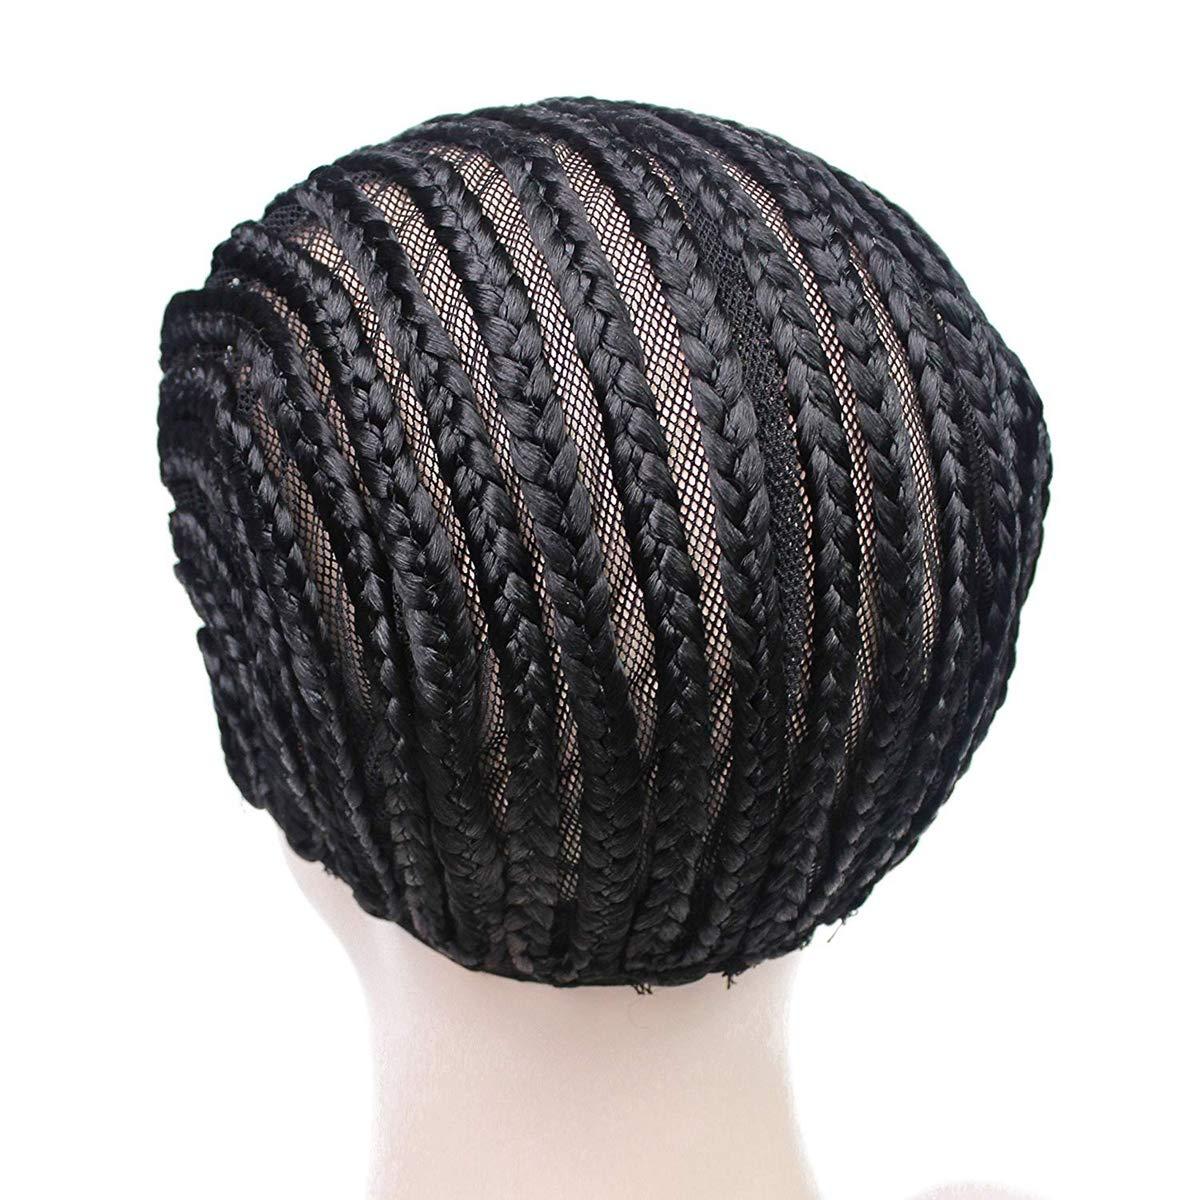 Amazon Braided Cap Made For Faux Locs Crochet Braids Hair Or